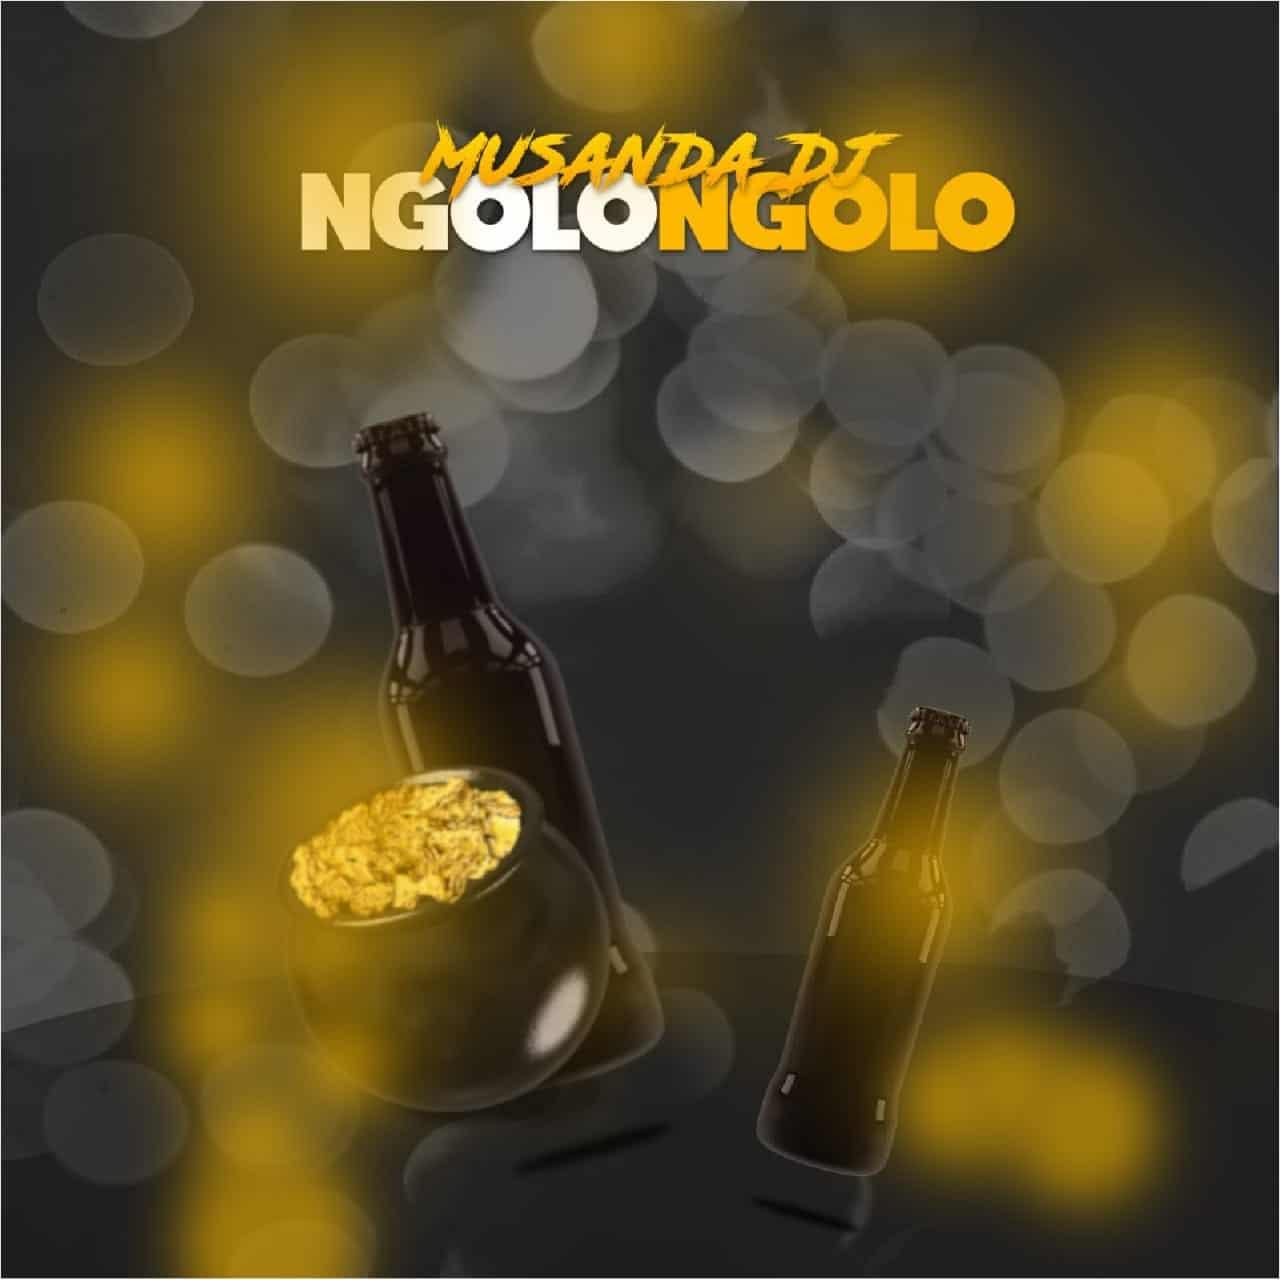 Musanda Dj - NgoloNgolo